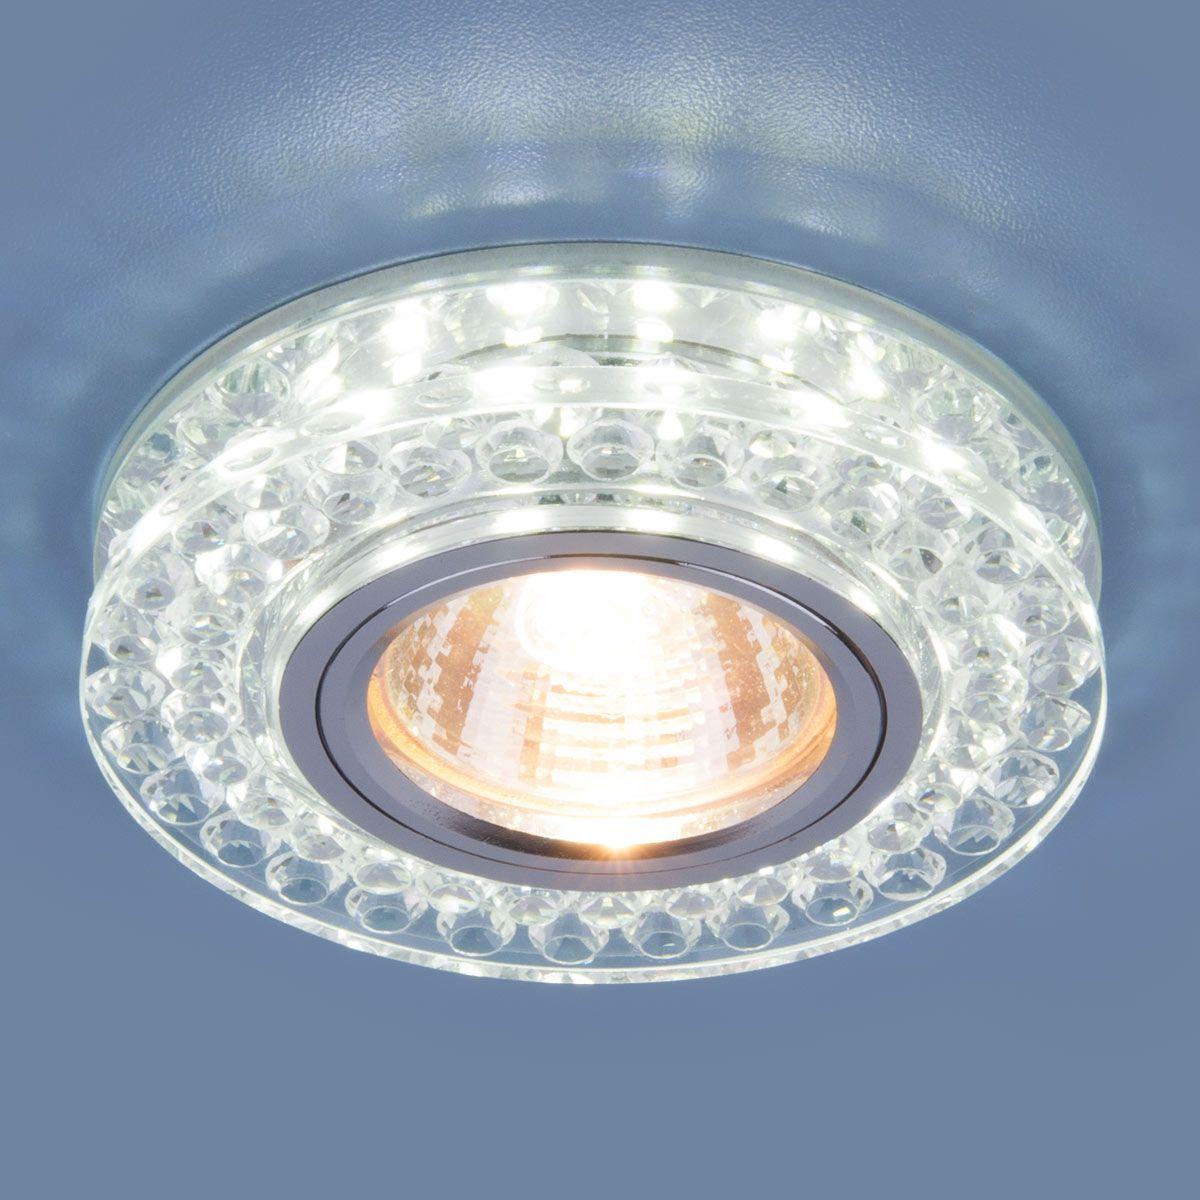 Точечный светильник с LED подсветкой 8381 MR16 CL/SL прозрачный/серебро